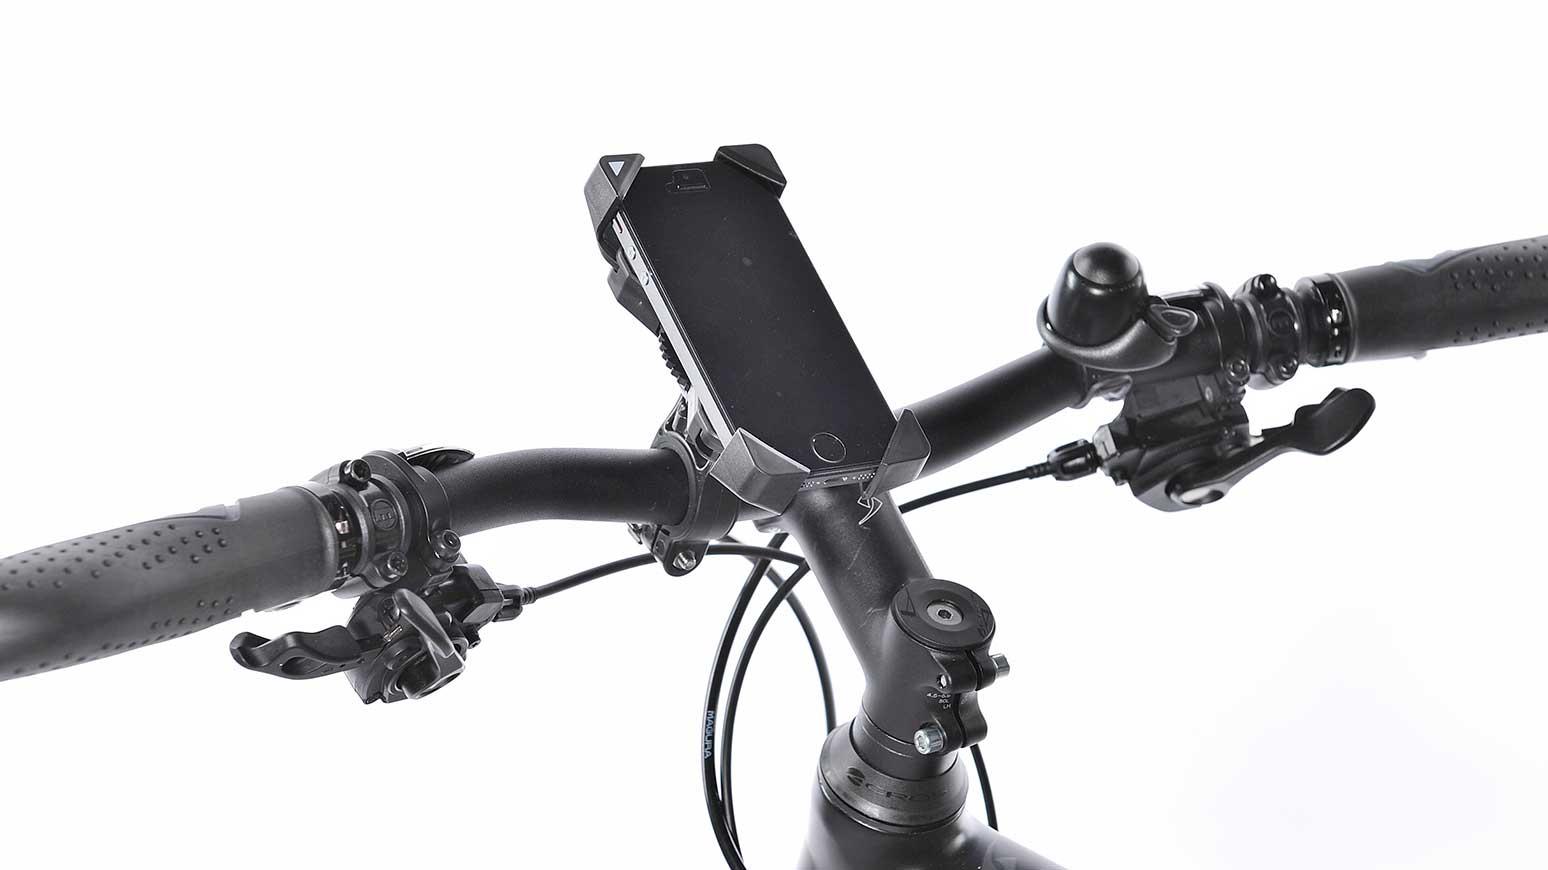 Smartphone Halterungen Fürs Fahrrad Welche Sind Empfehlenswert